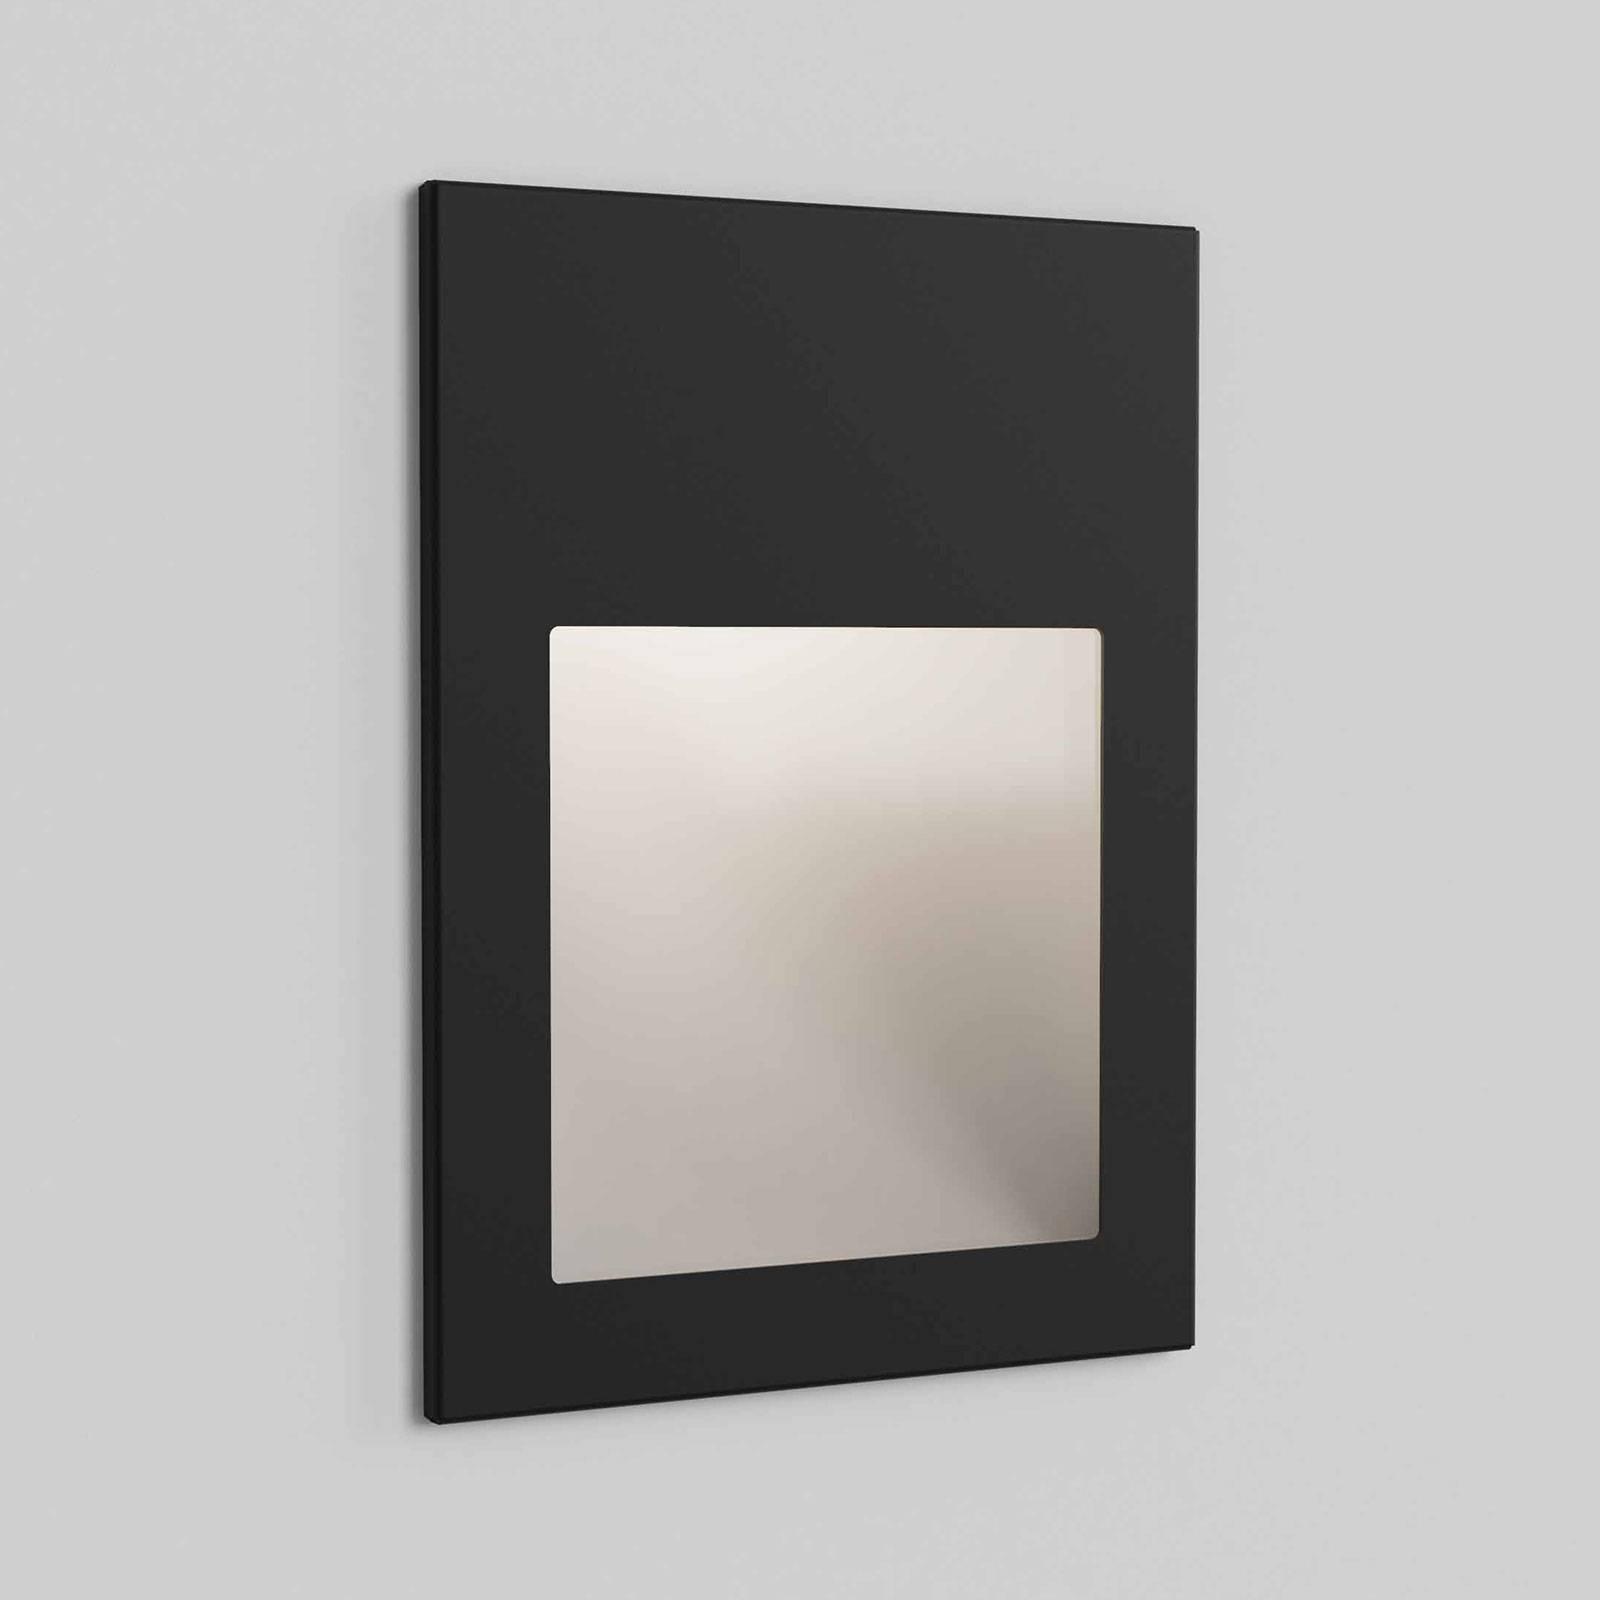 Astro Borgo 90 -seinäuppovalaisin, musta tekstuuri